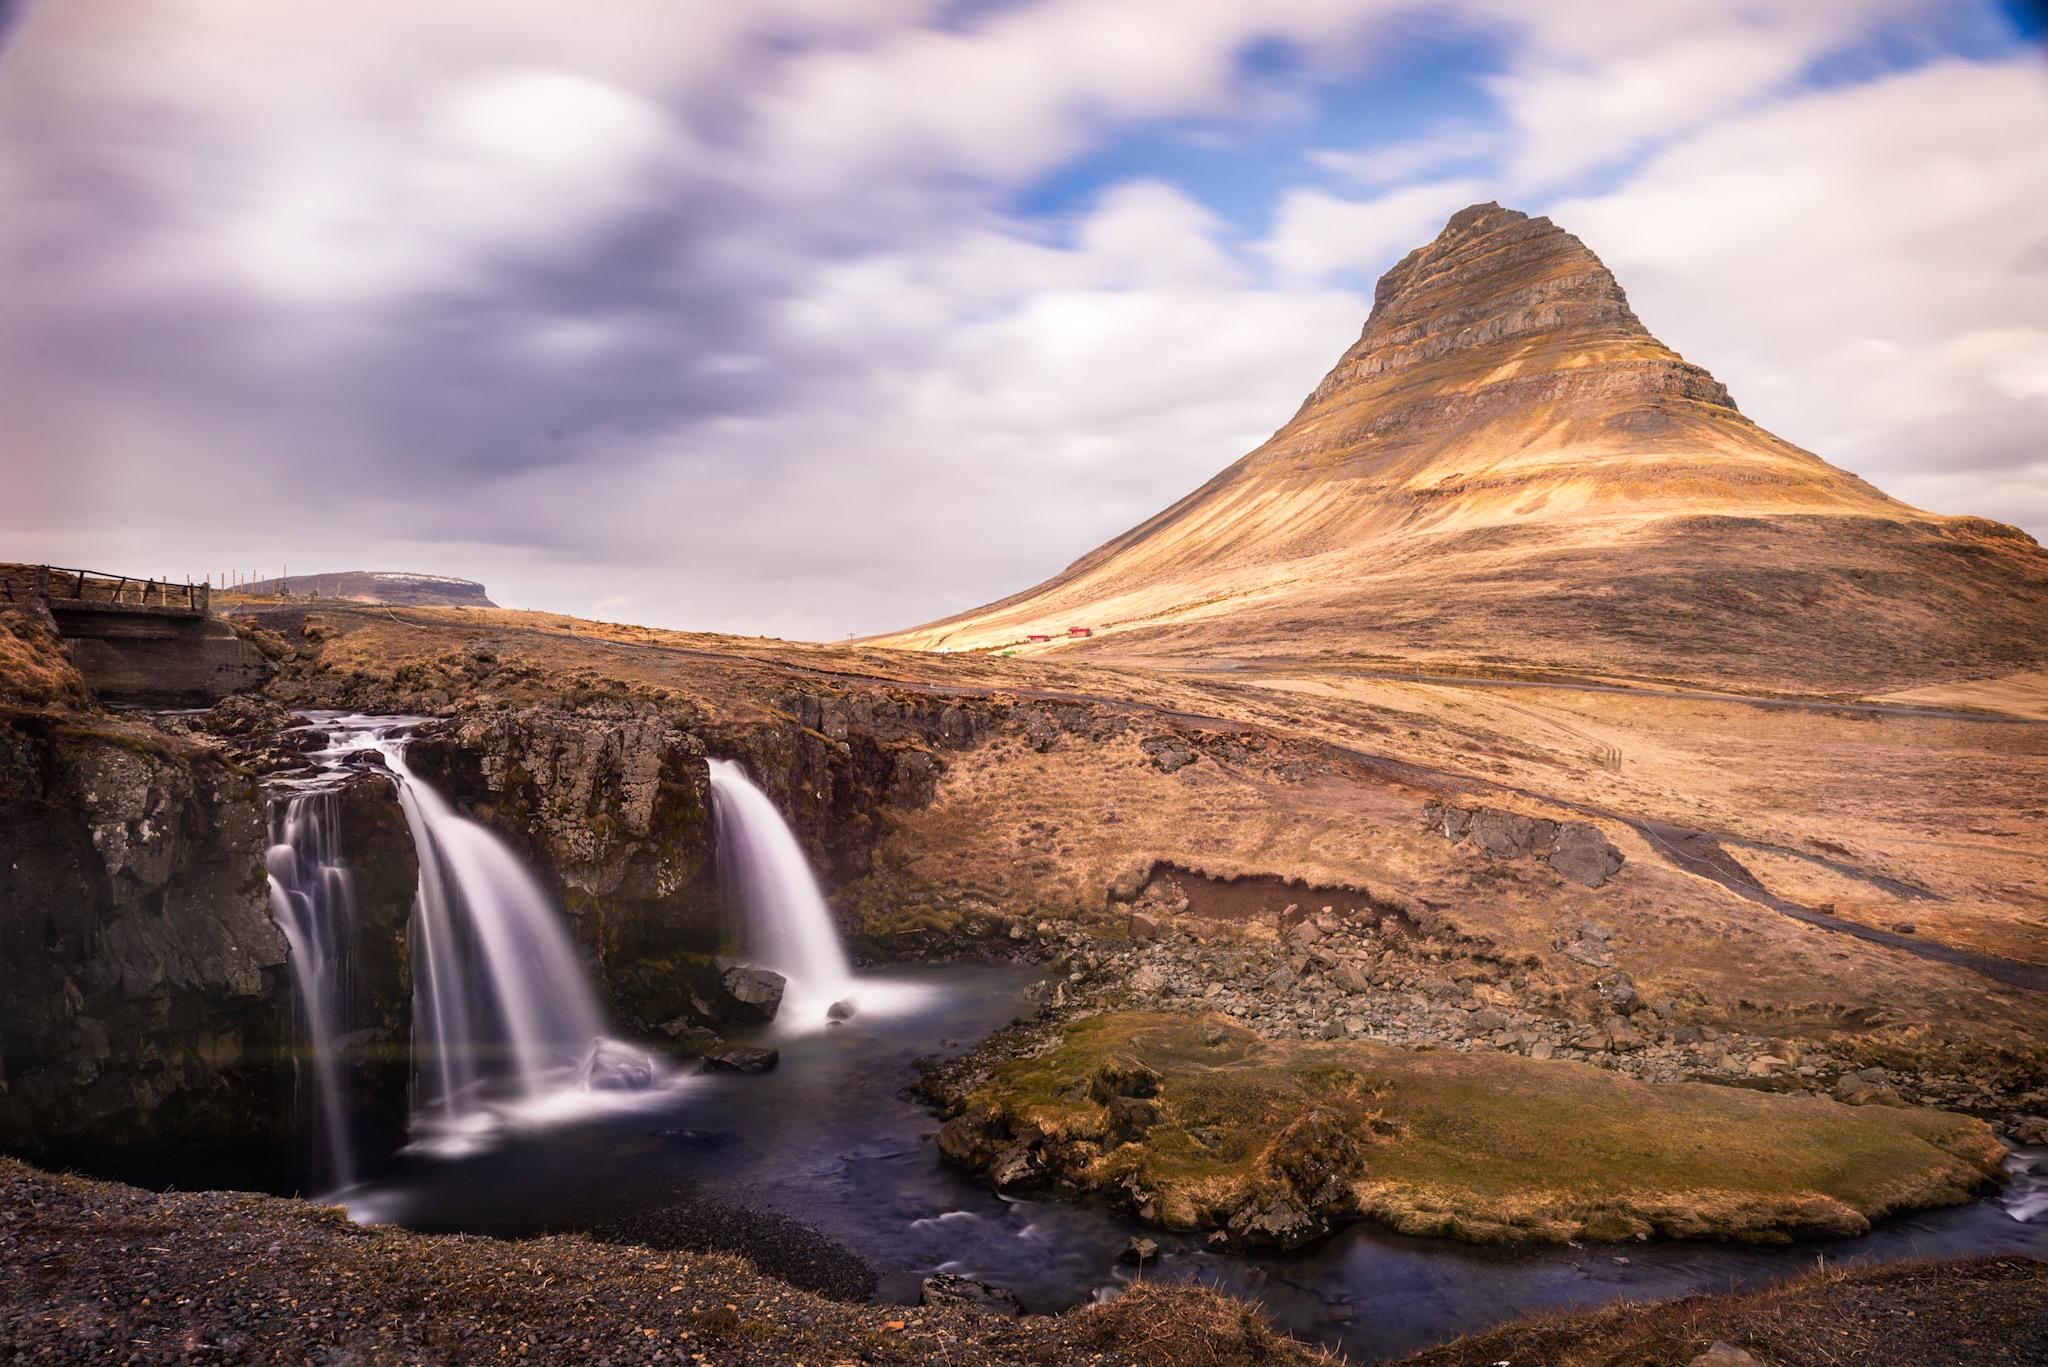 Kirjufellfoss at Kirjufell mountain, Iceland